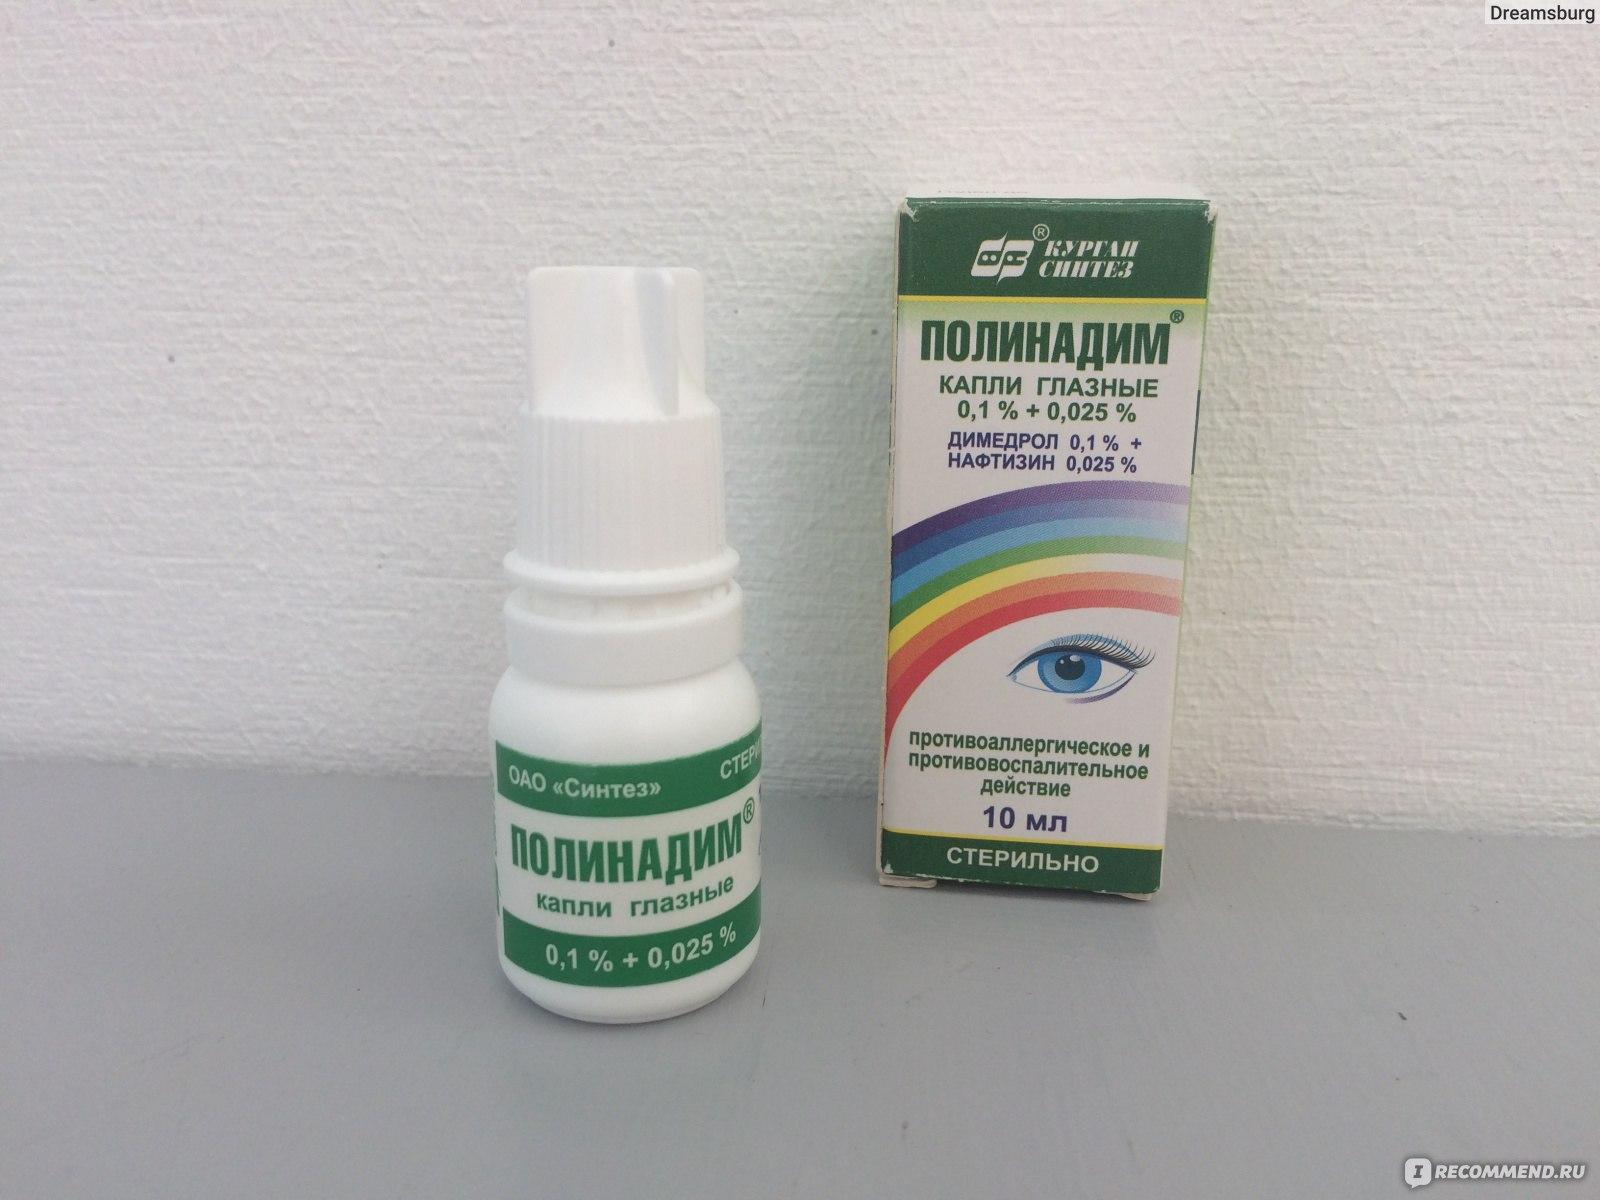 Глазные капли для детей: обзор 7 75